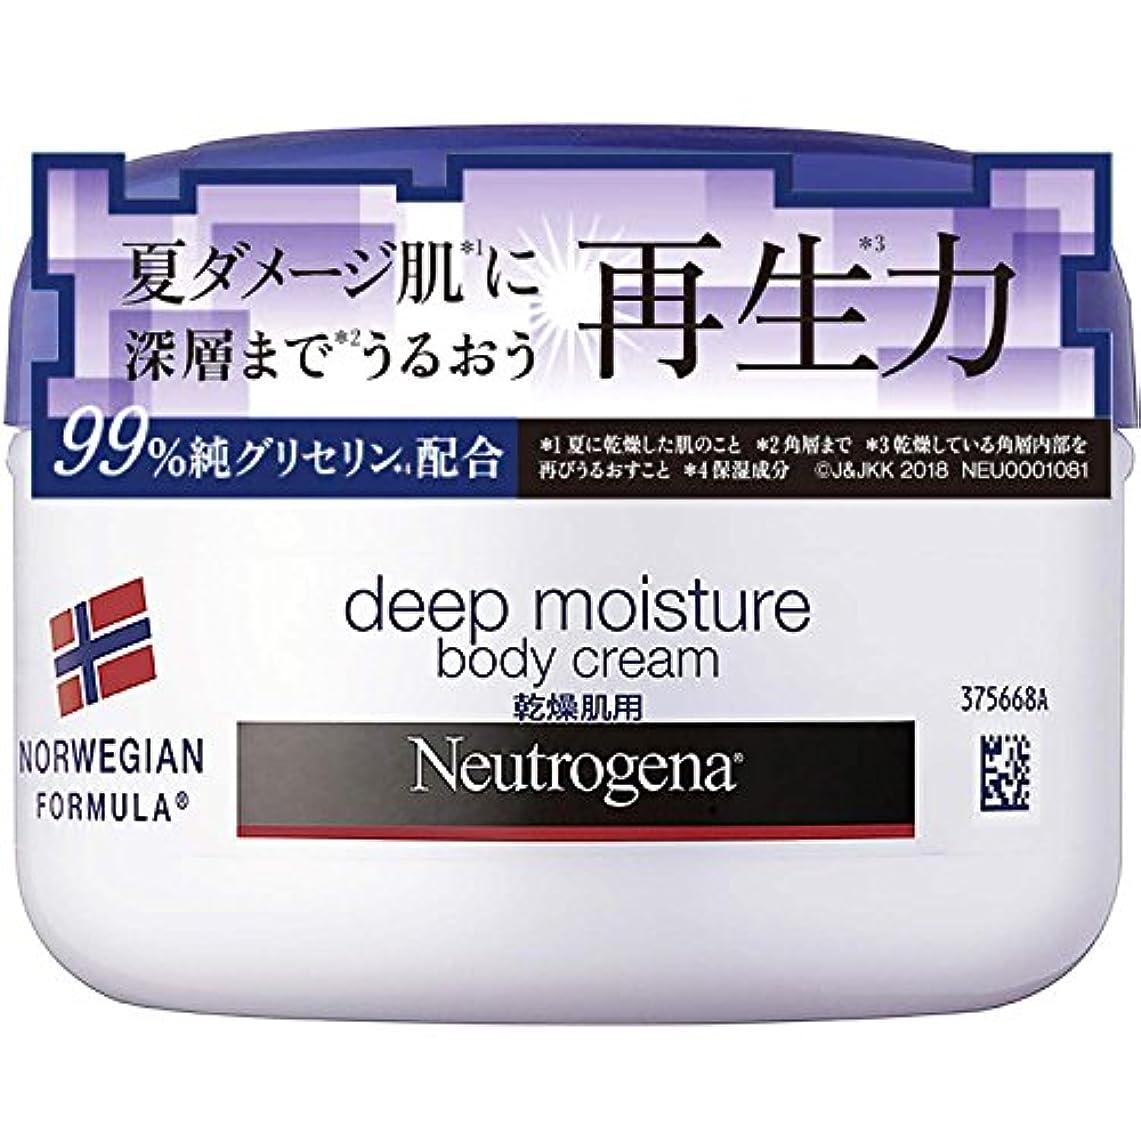 熱責次へNeutrogena(ニュートロジーナ) ノルウェーフォーミュラ ディープモイスチャー ボディクリーム 乾燥肌用 微香性 200ml